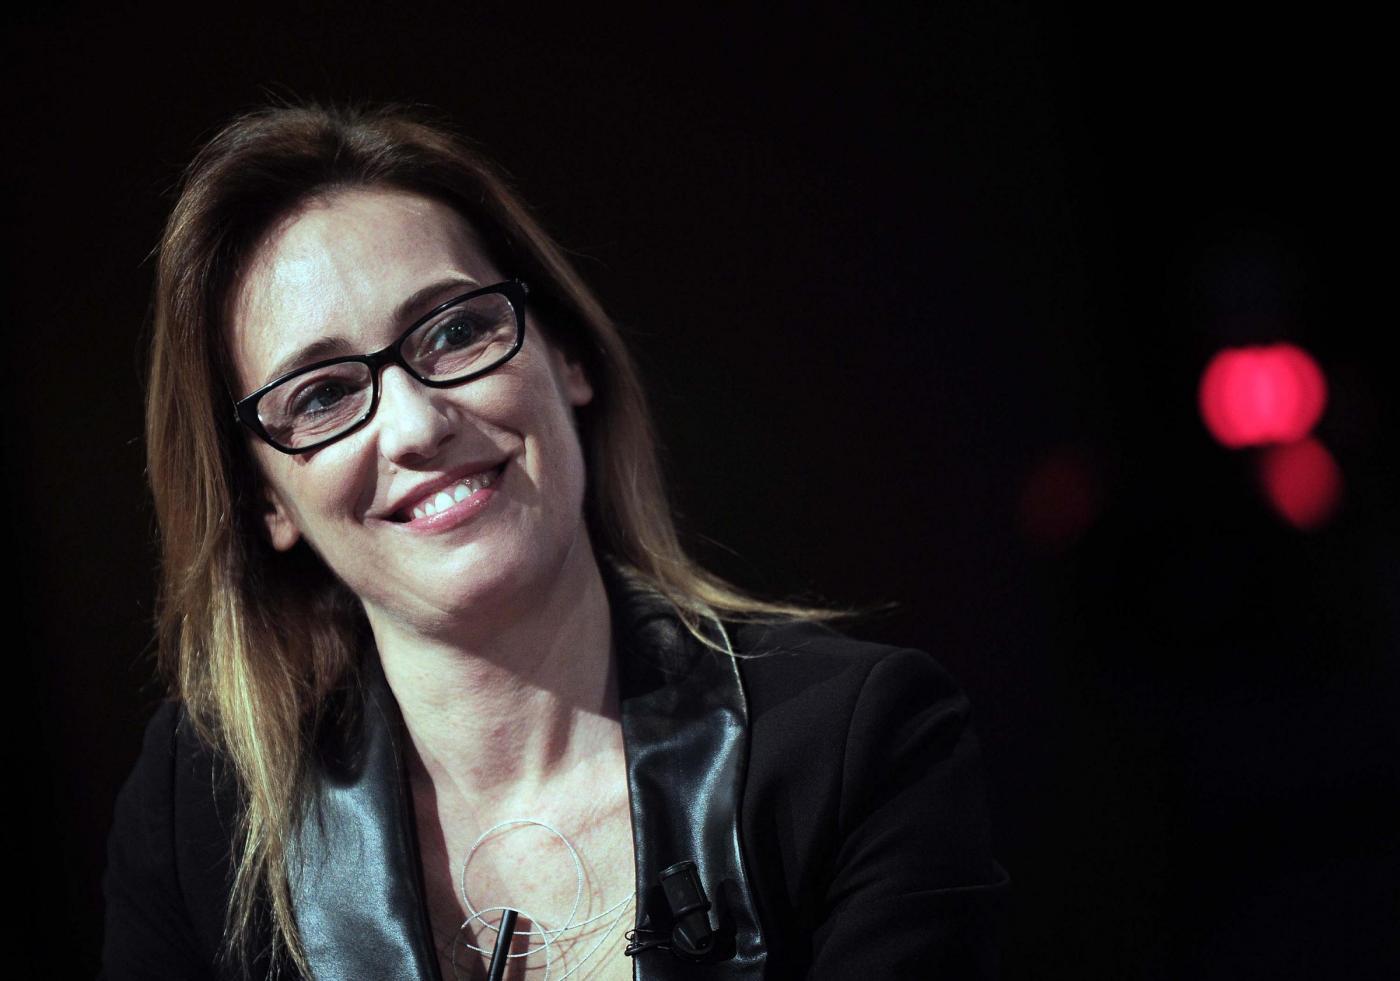 Elezioni Roma, Ilaria Cucchi pensa a candidarsi sindaco e incontra Fassina